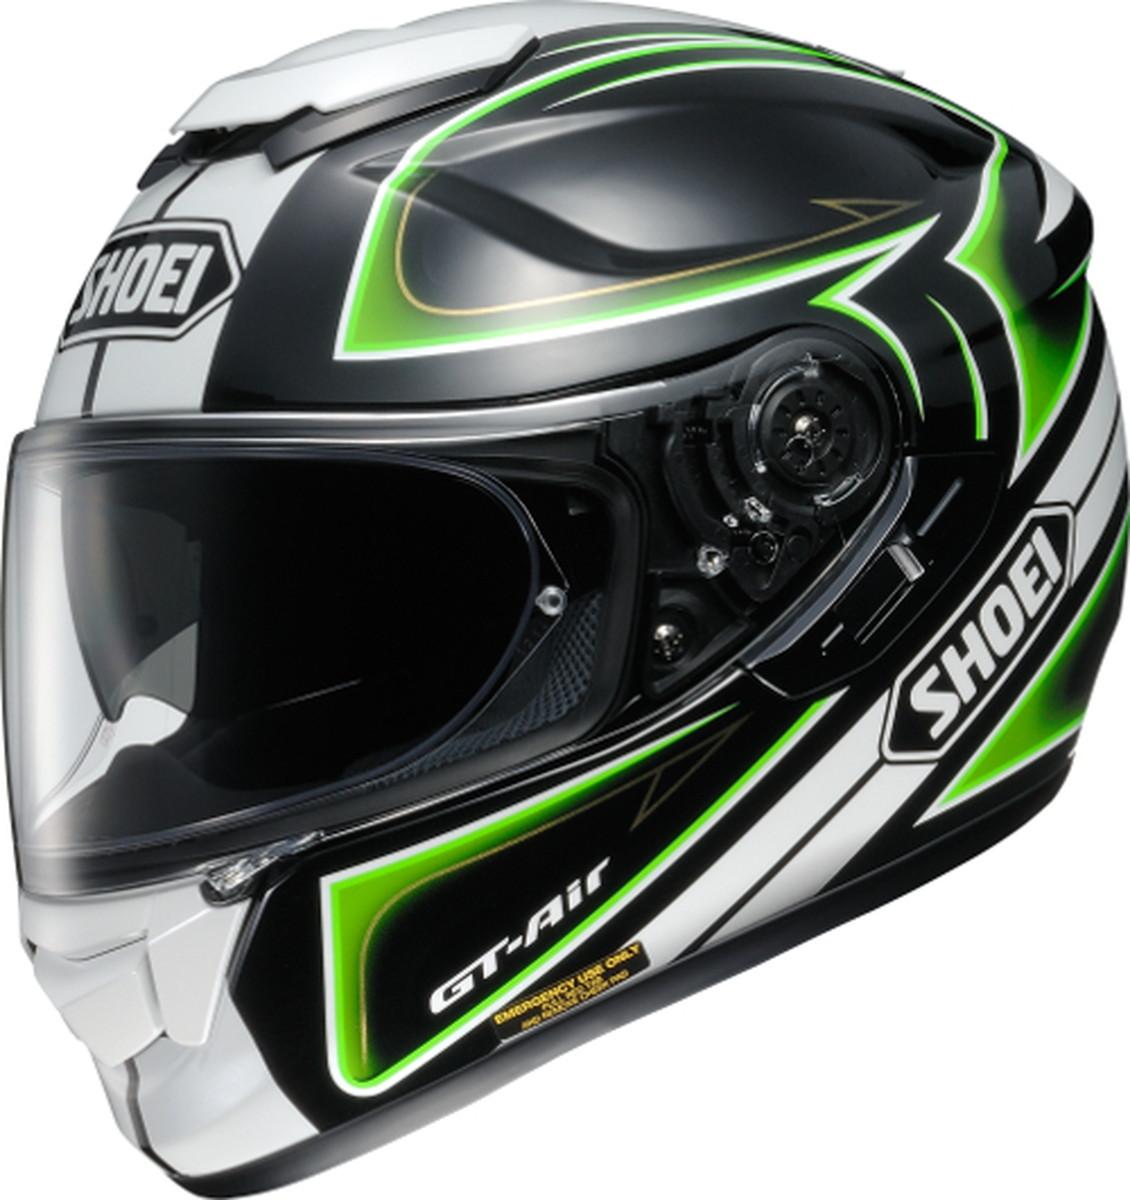 【動画あり】 SHOEI フルフェイスヘルメット GT-AIR EXPANSE (エクスパンセ) TC-4 XXLサイズ